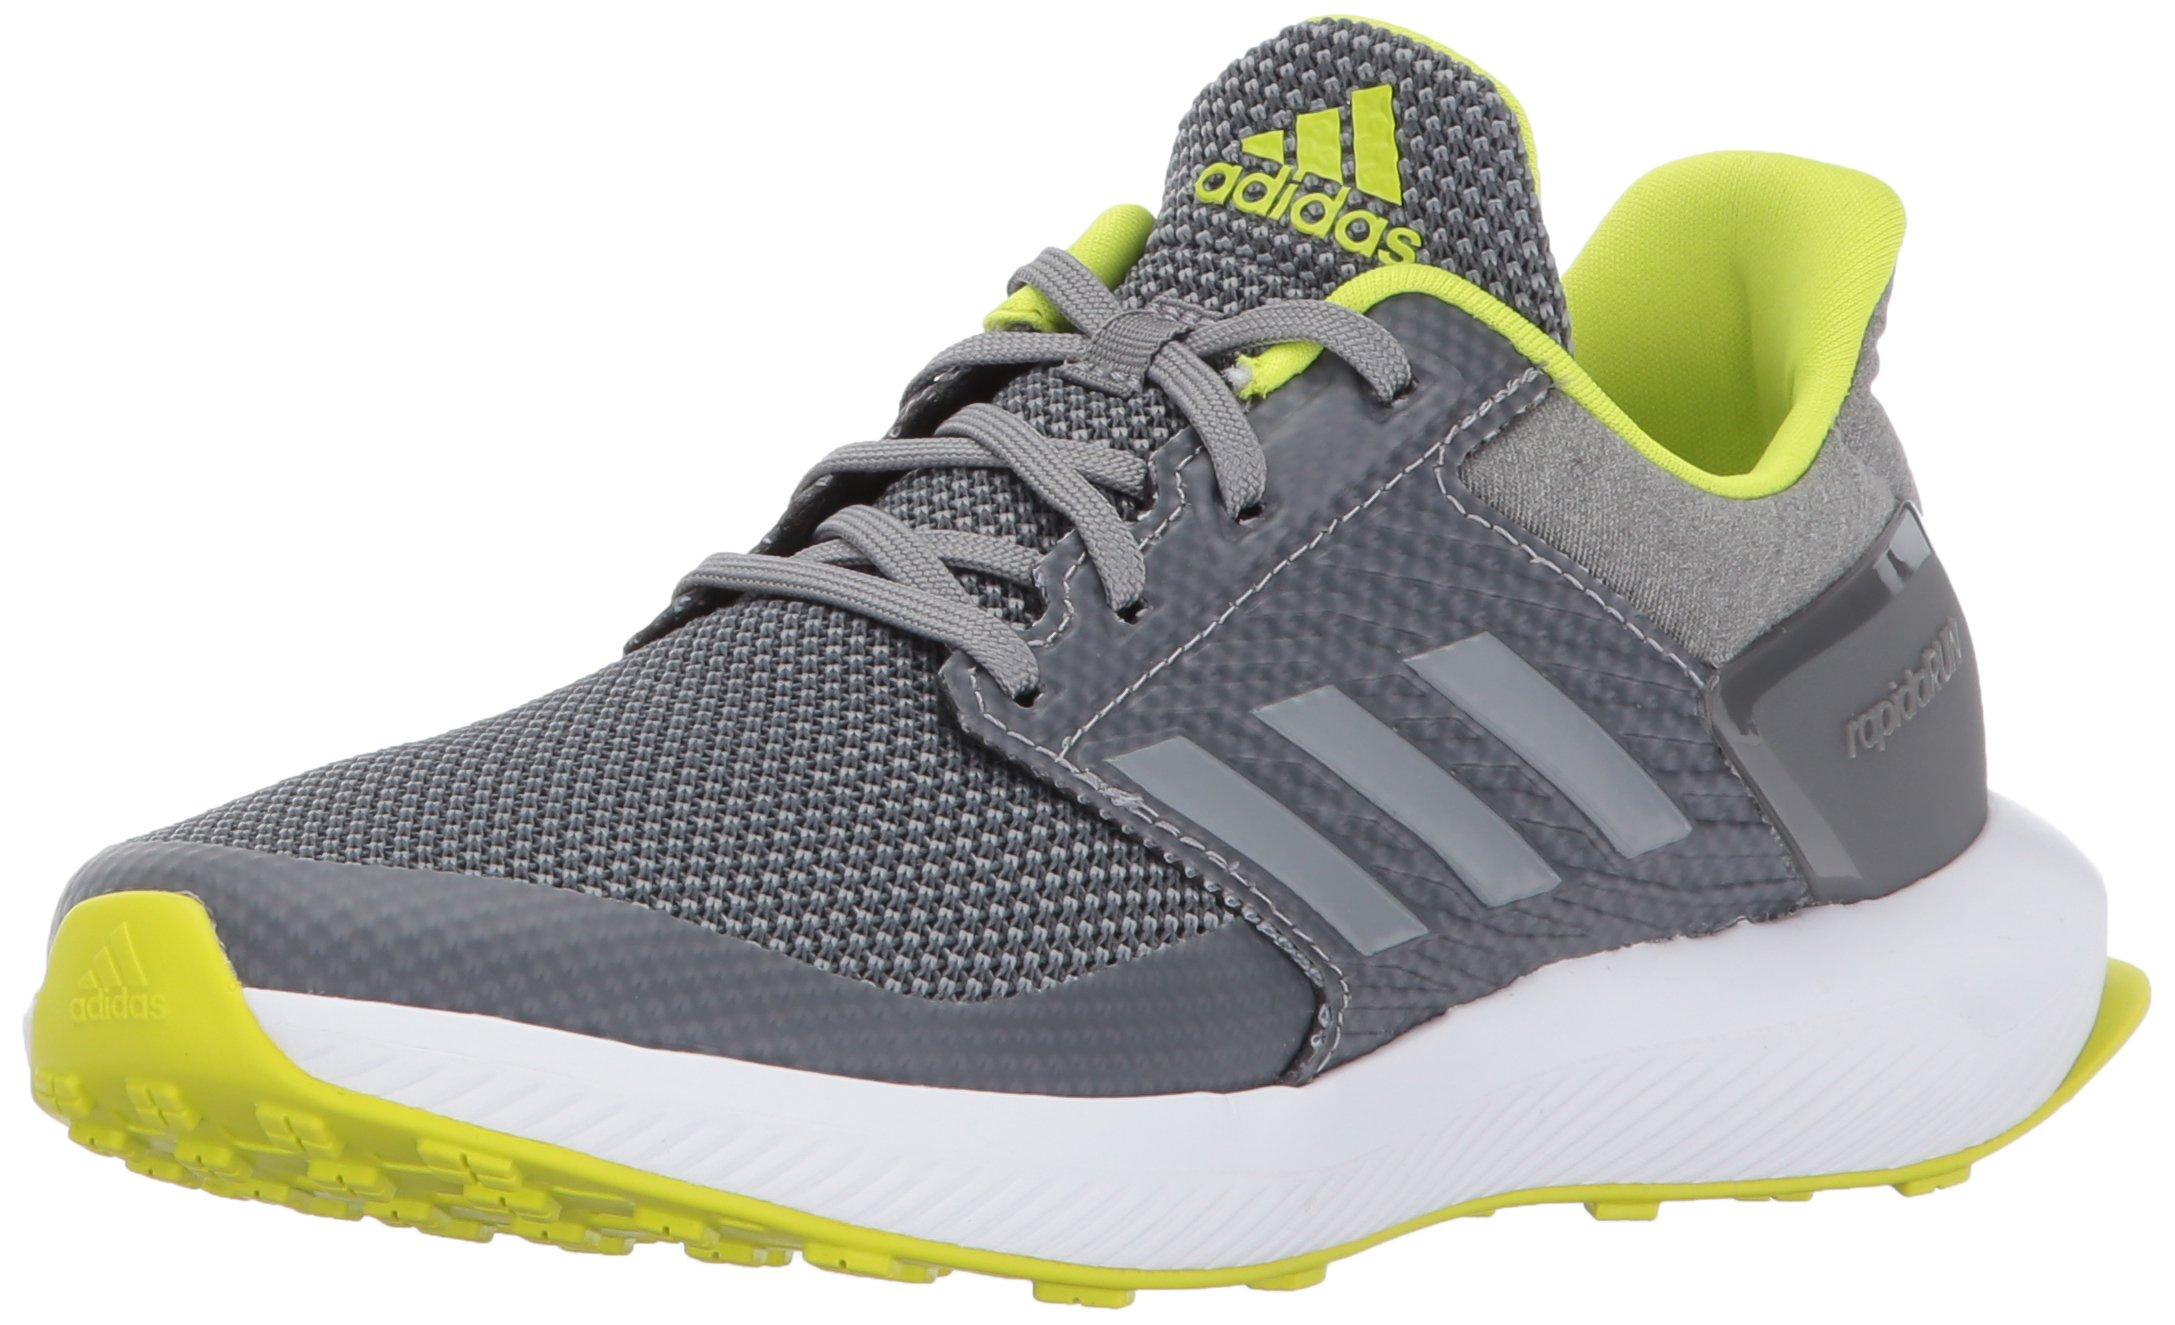 adidas Boys' RapidaRun K Running Shoe, Grey/Grey/Semi Solar Yellow, 13 M US Little Kid